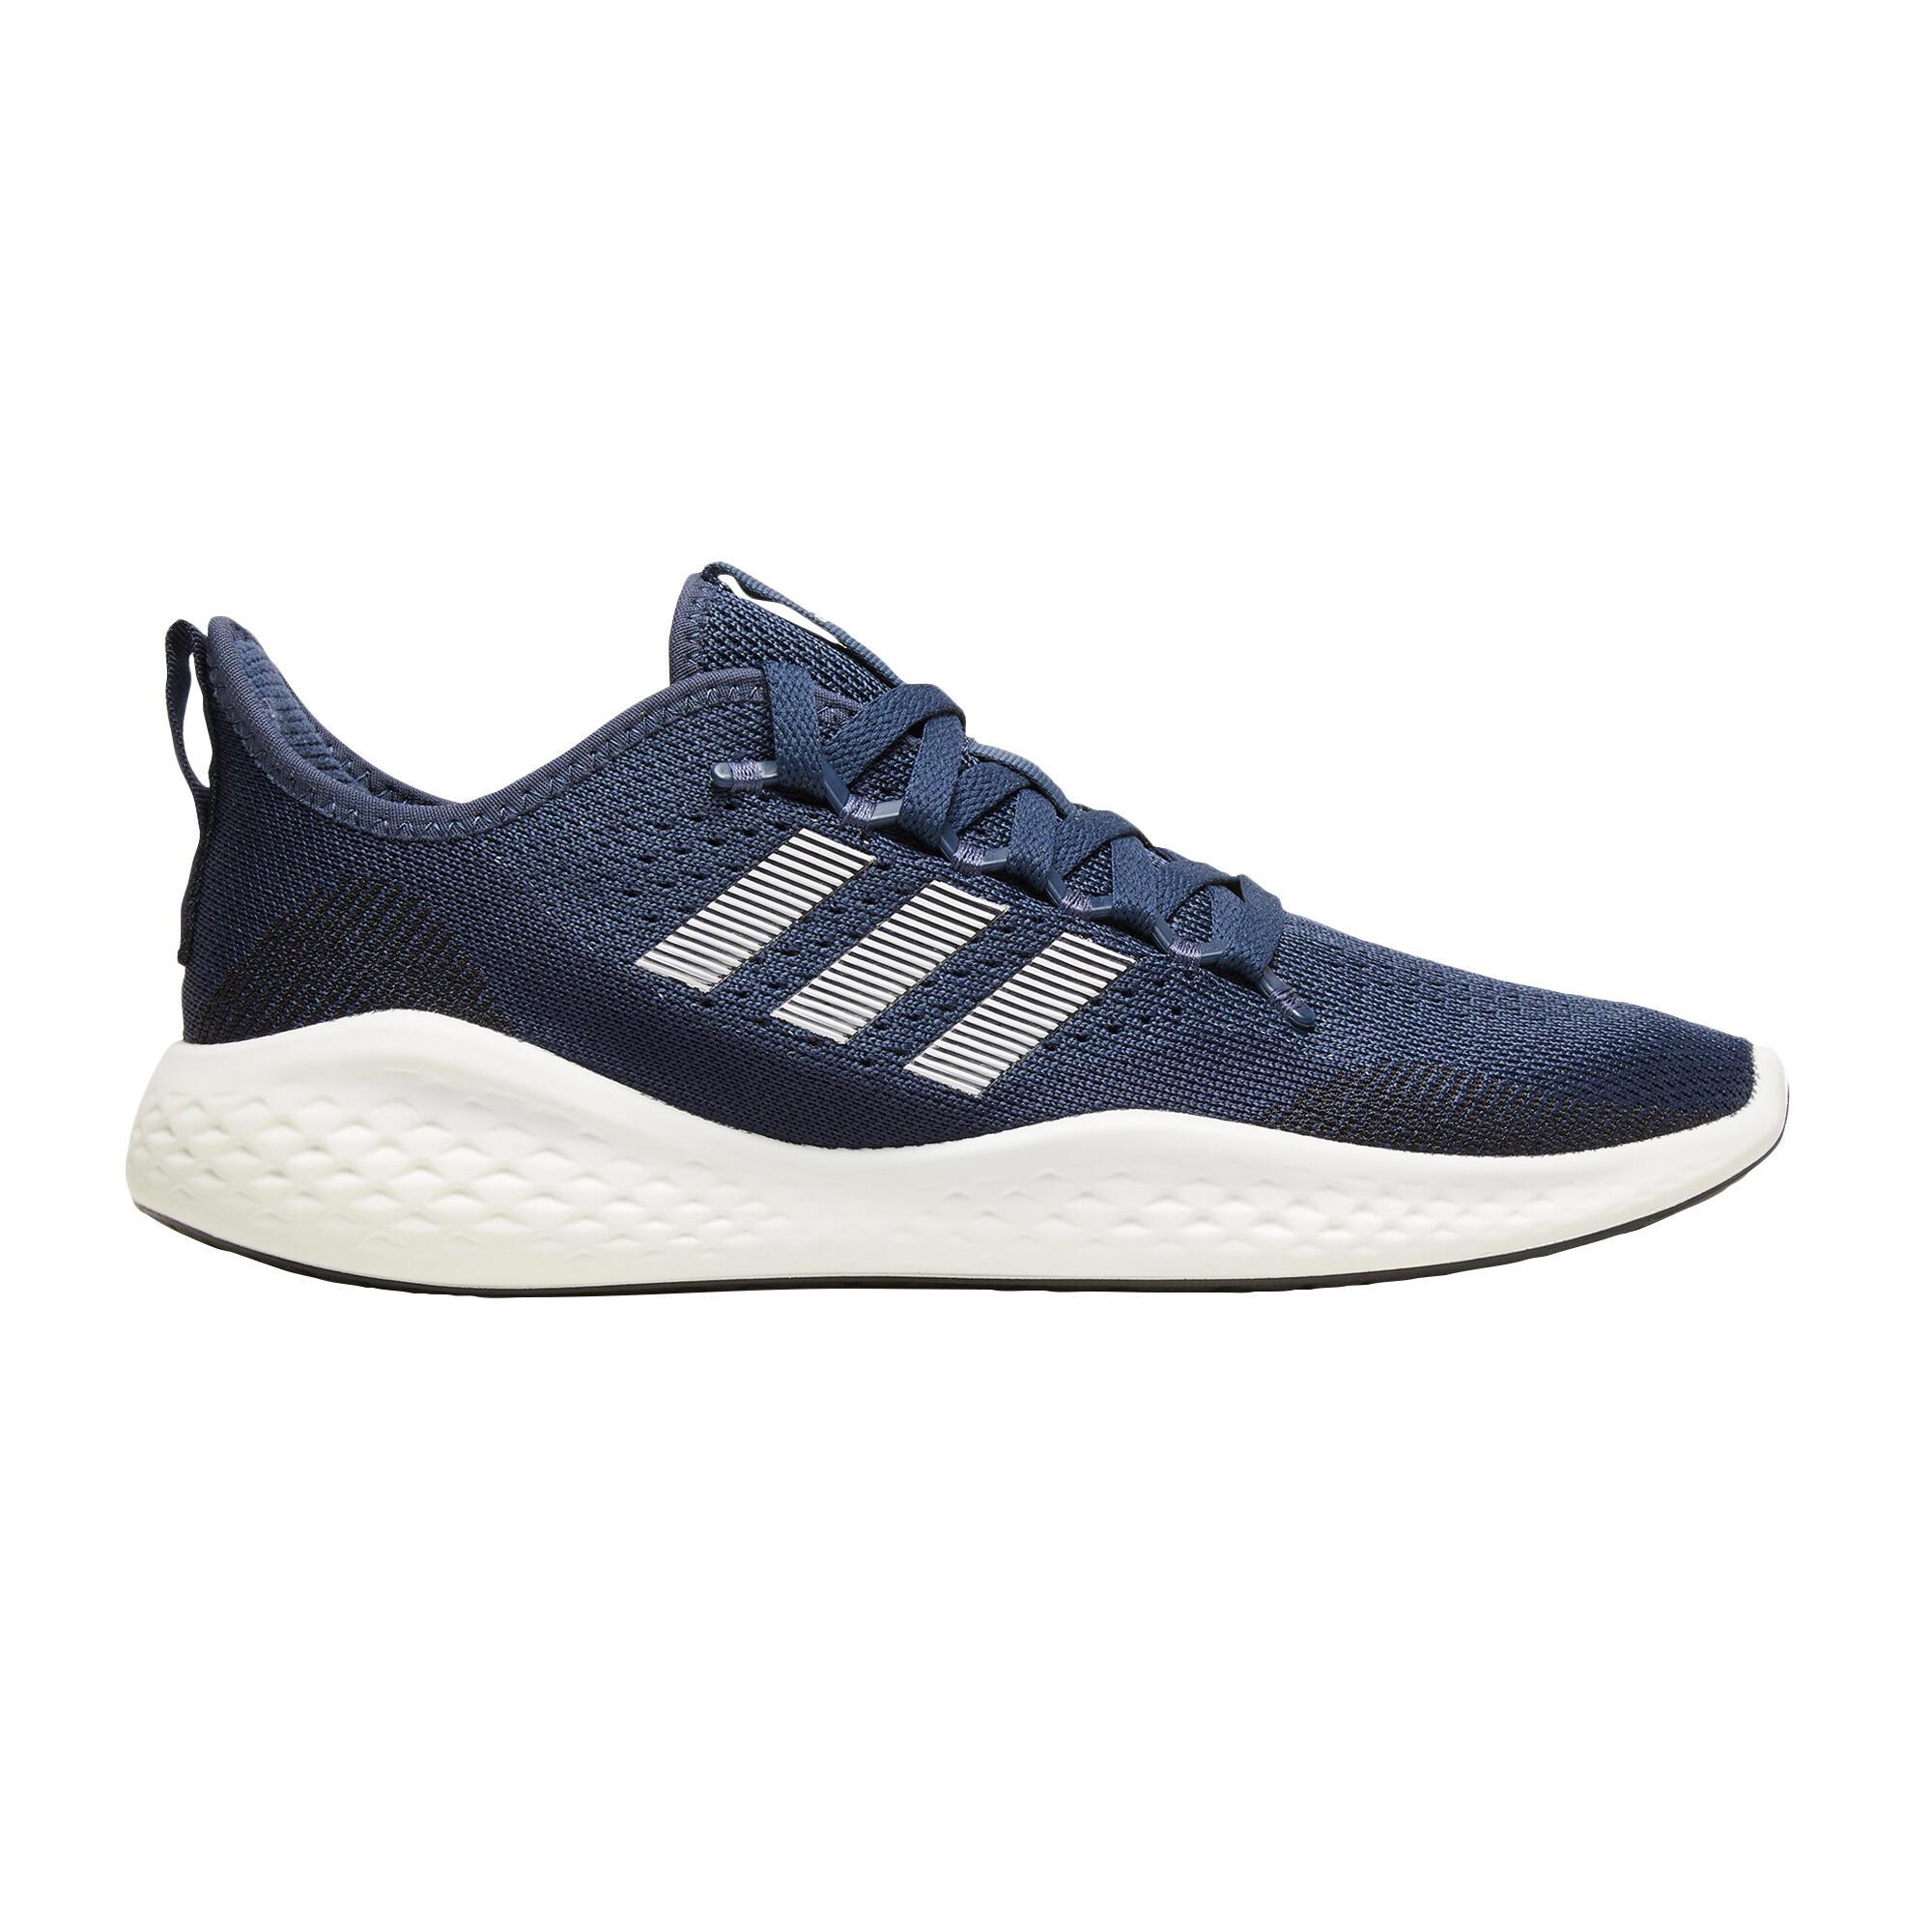 Chaussures running homme Adidas | DECATHLON | Decathlon